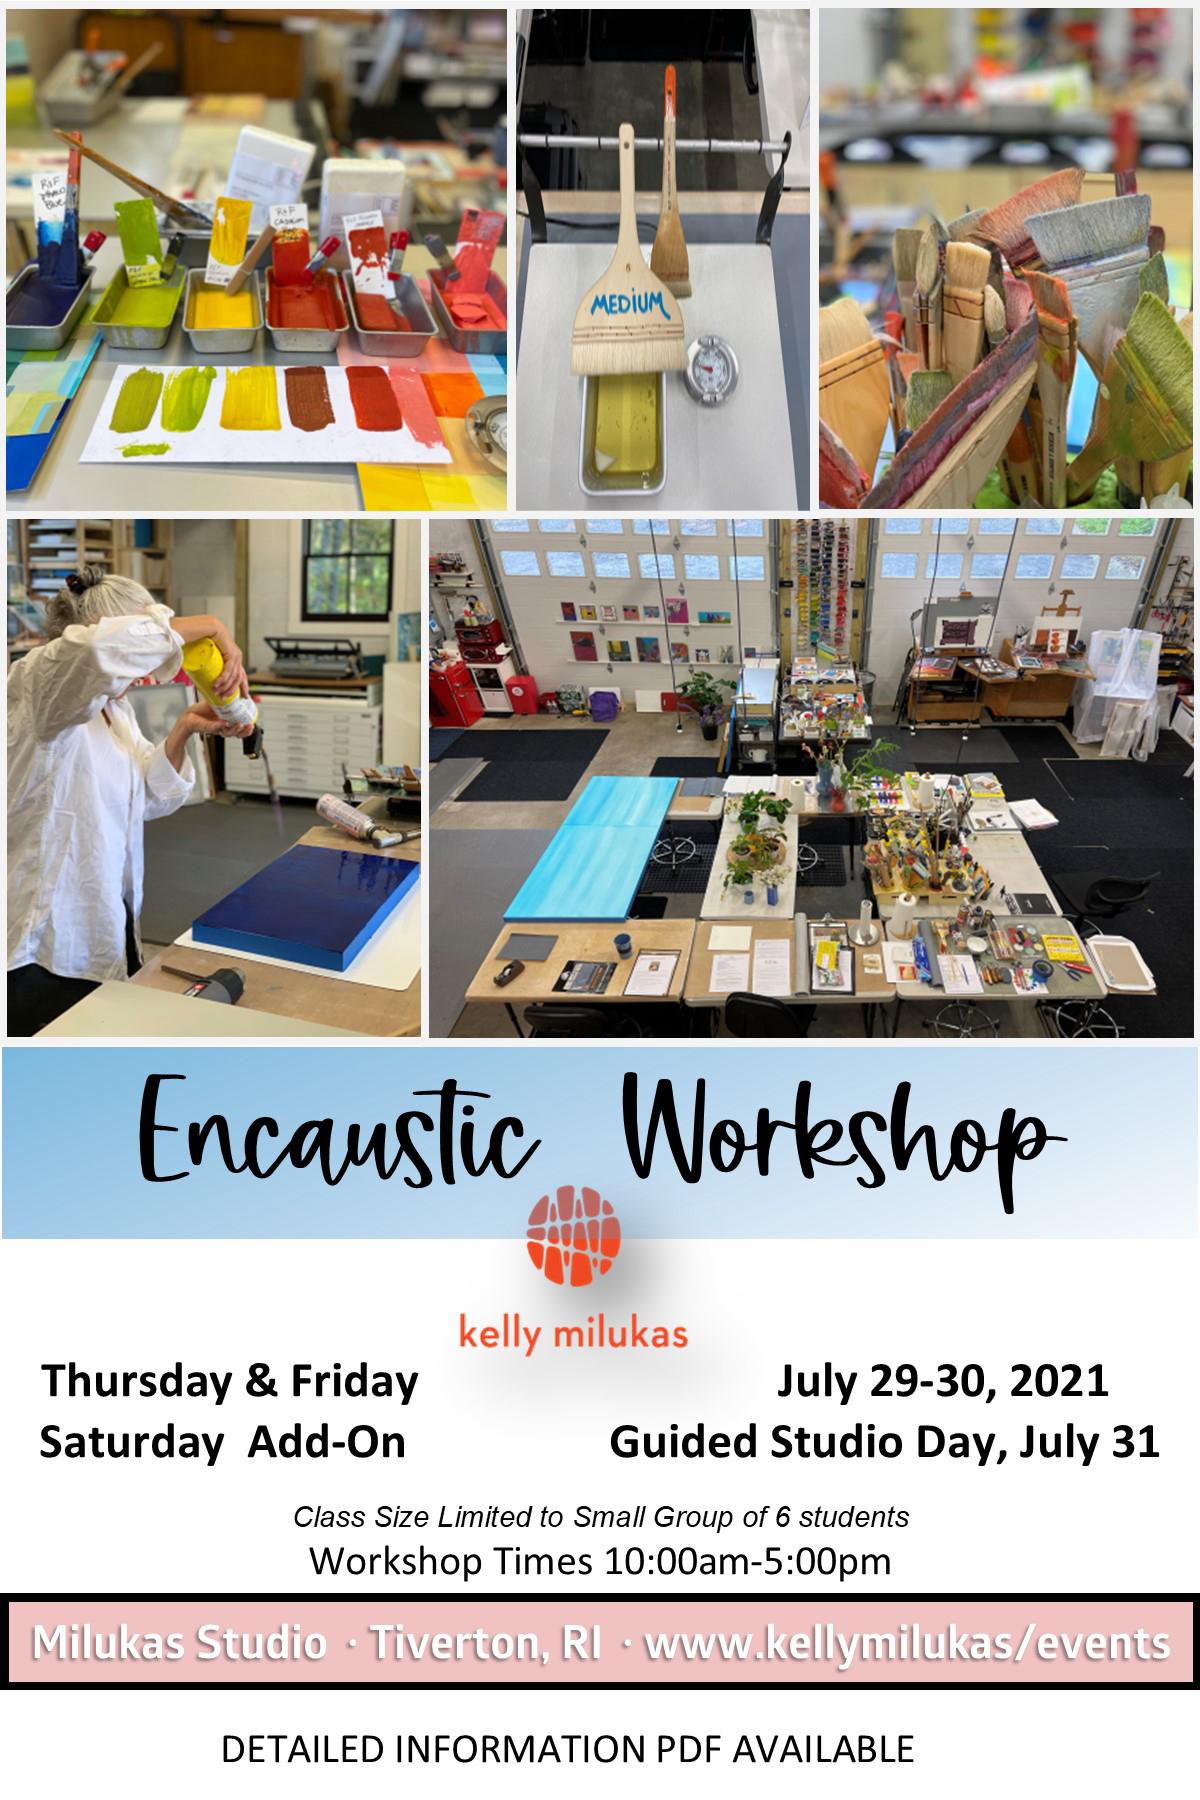 Encaustic Workshop July 29-30, 2021